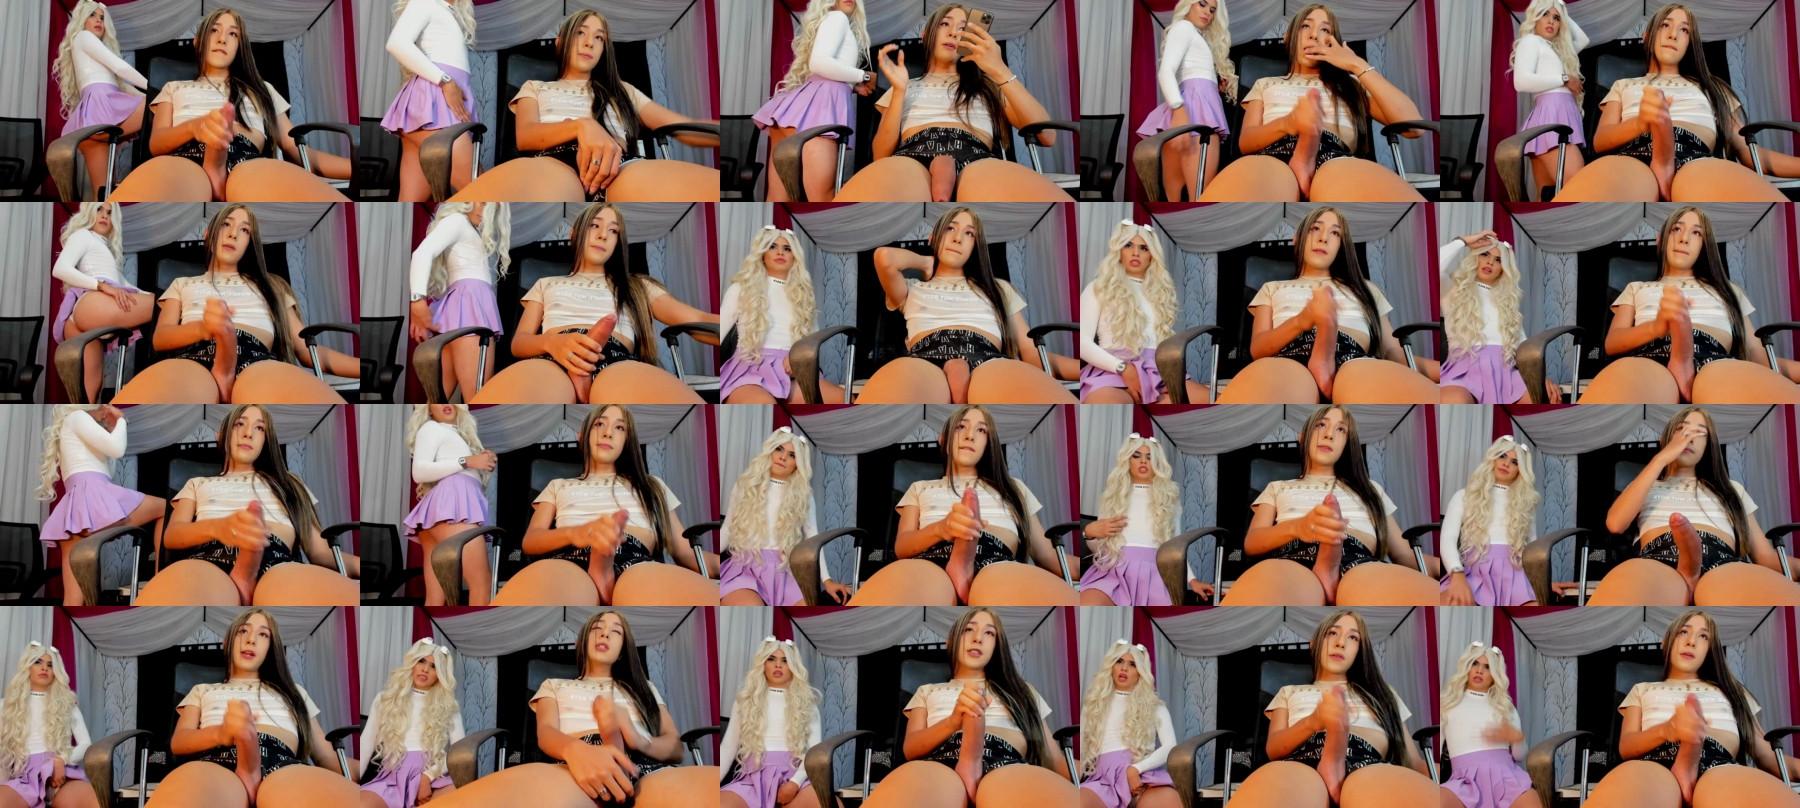 X_Mariana_S ts 15-05-2021 Chaturbate trans Video